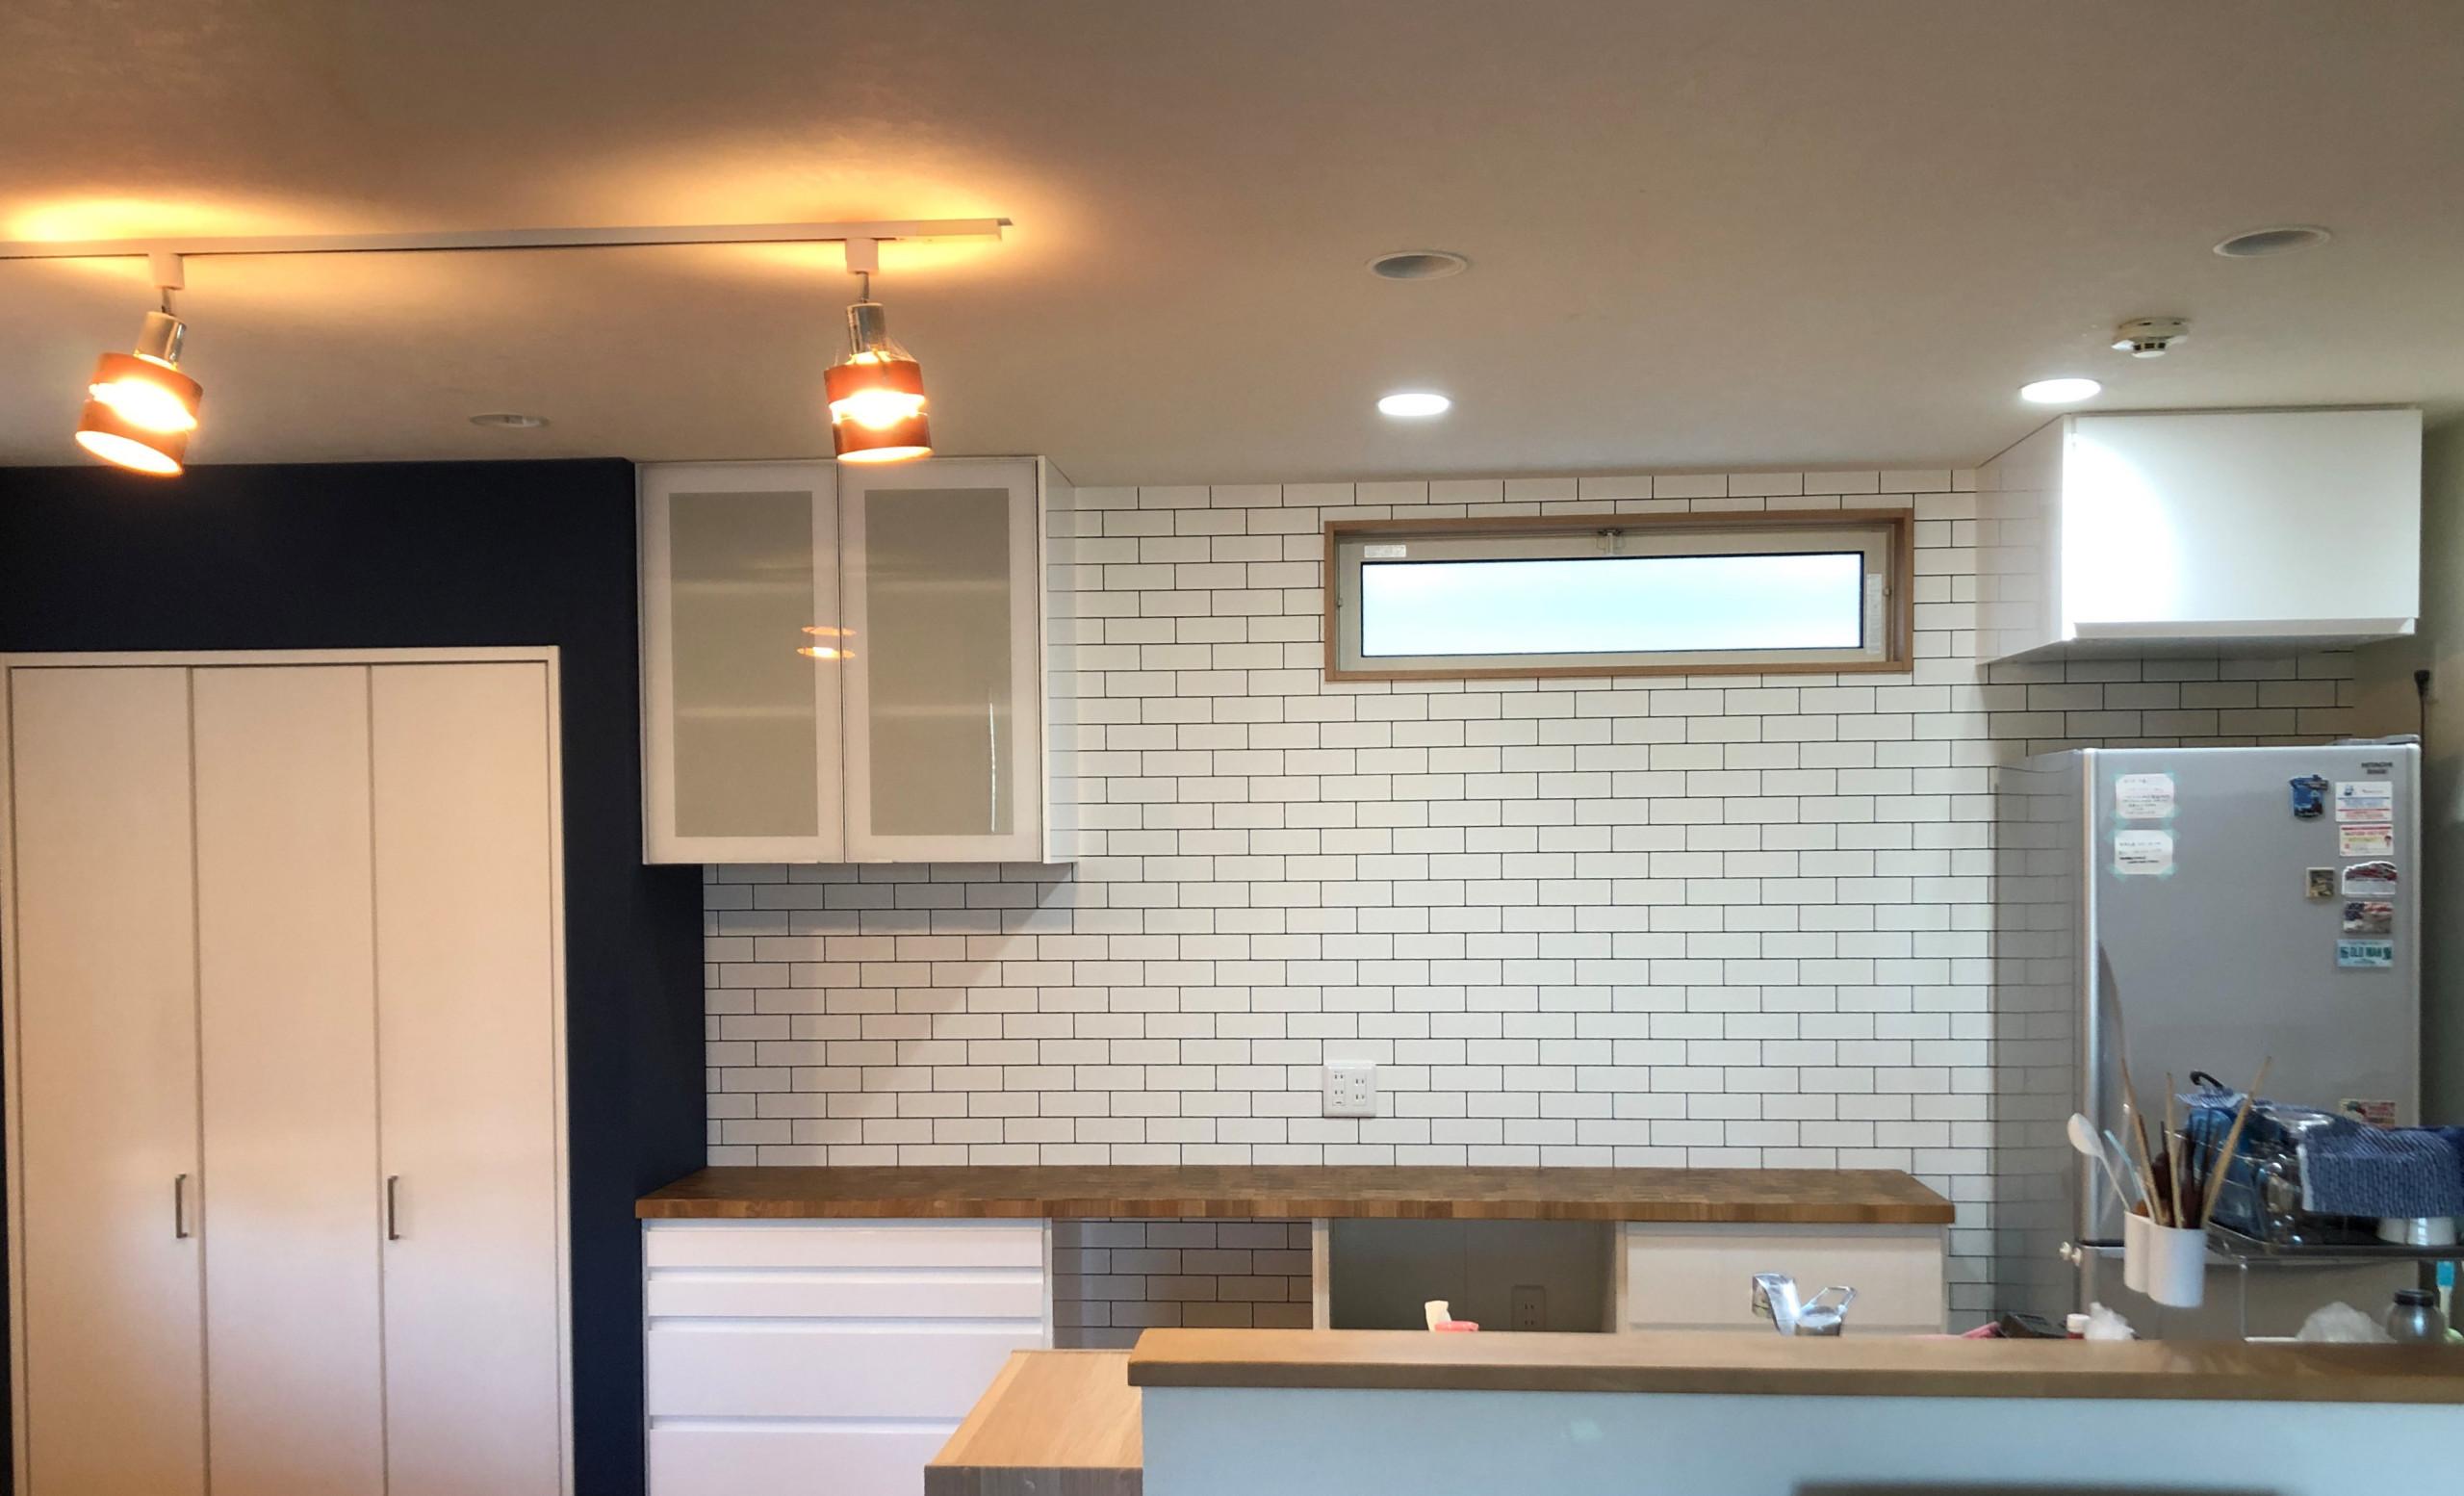 【イケア製】白を基調とした家具と木目のカウンタートップが美しいキッチン